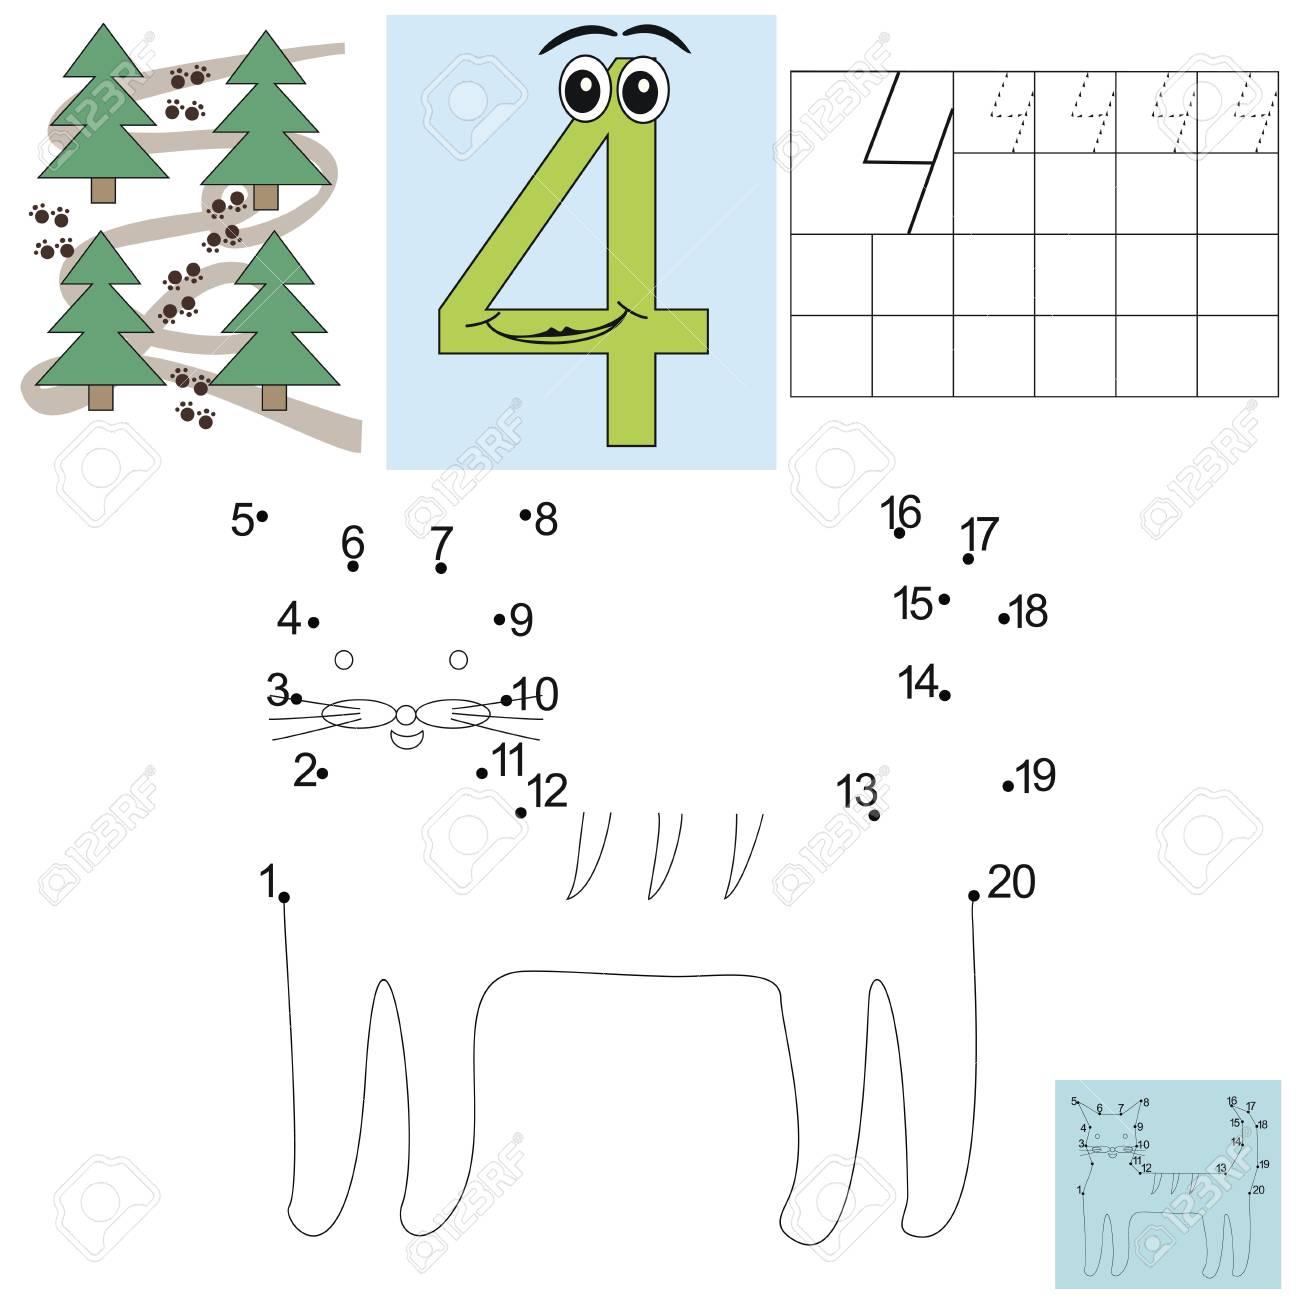 Imagenes Para Colorear Matematicas Preescolar Imagenes Para Colorear